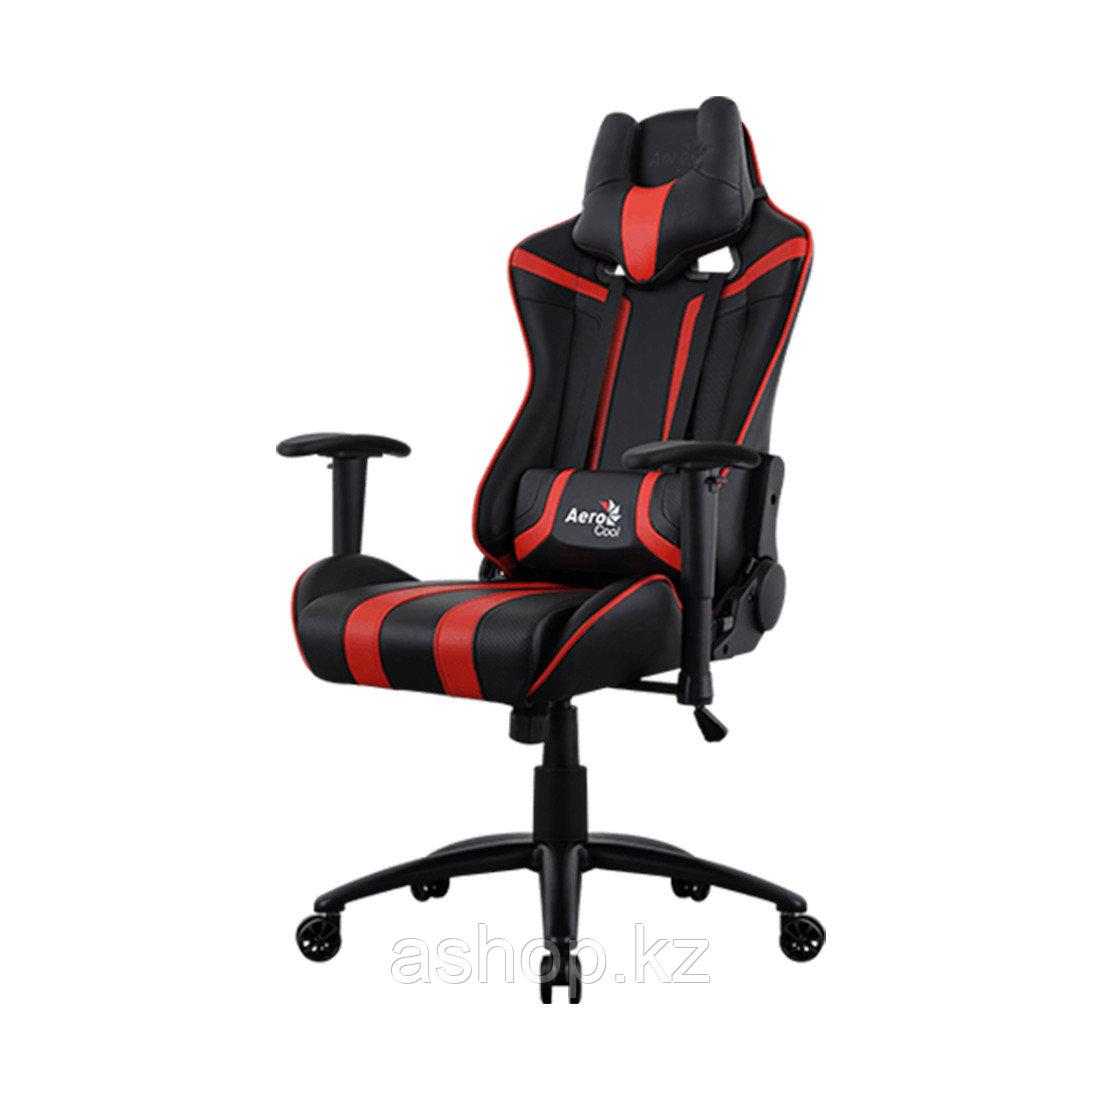 Кресло игровое AeroCool AC120 AIR, Нагрузка (max): 150 кг, Подлокотники, Подголовник, Вентиляция, Цвет: Чёрно-